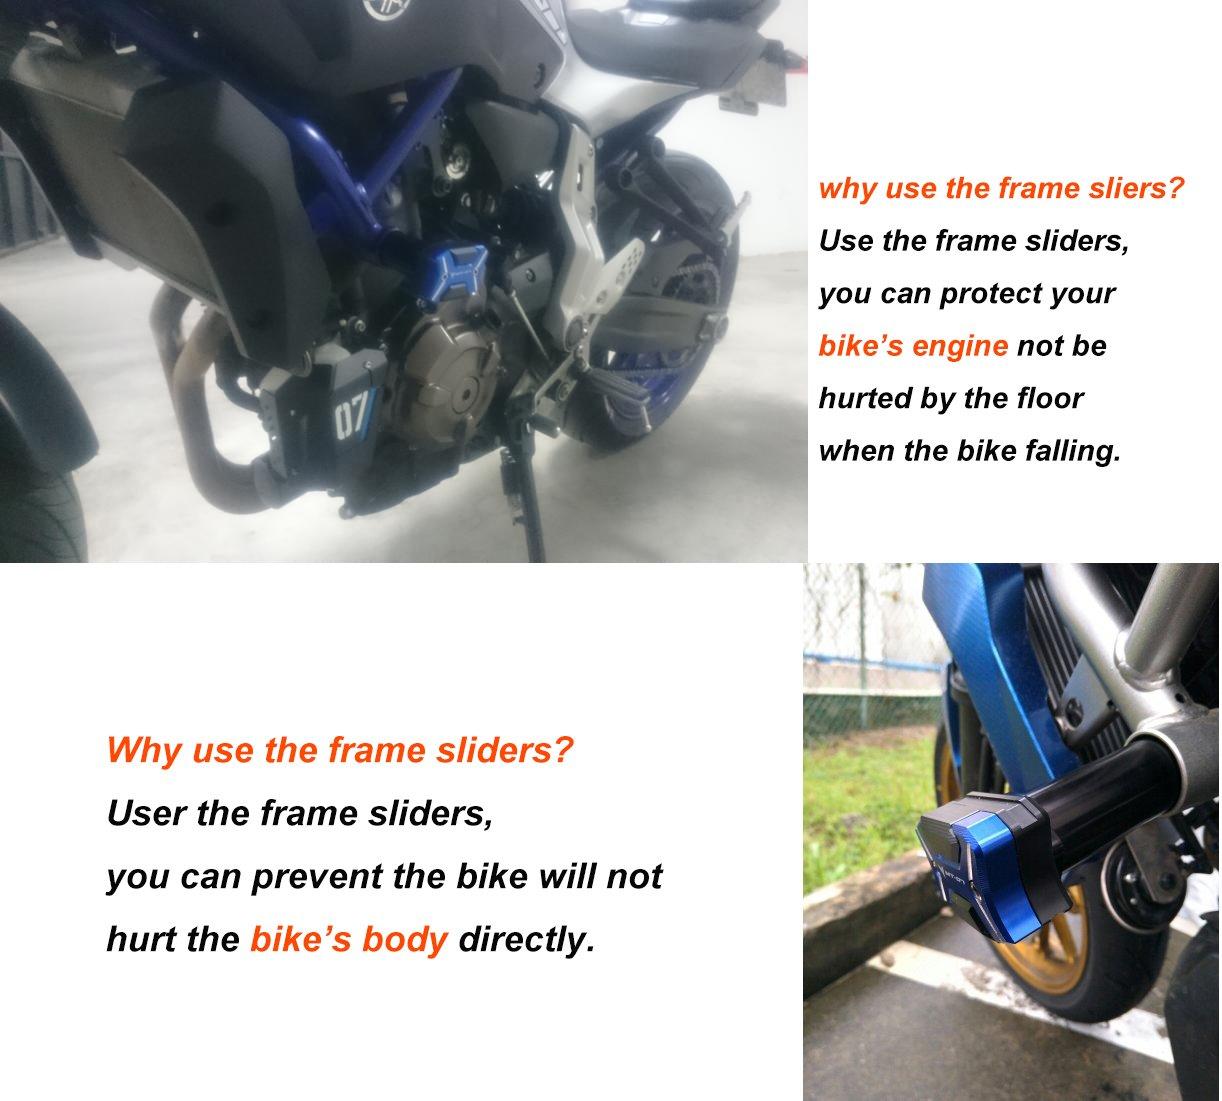 MT-07 Protección Anticaída Frame Sliders Engine Falling Crash Protector Para Yamaha MT07 2013 2014 2015 2016 2017 (Azul): Amazon.es: Coche y moto